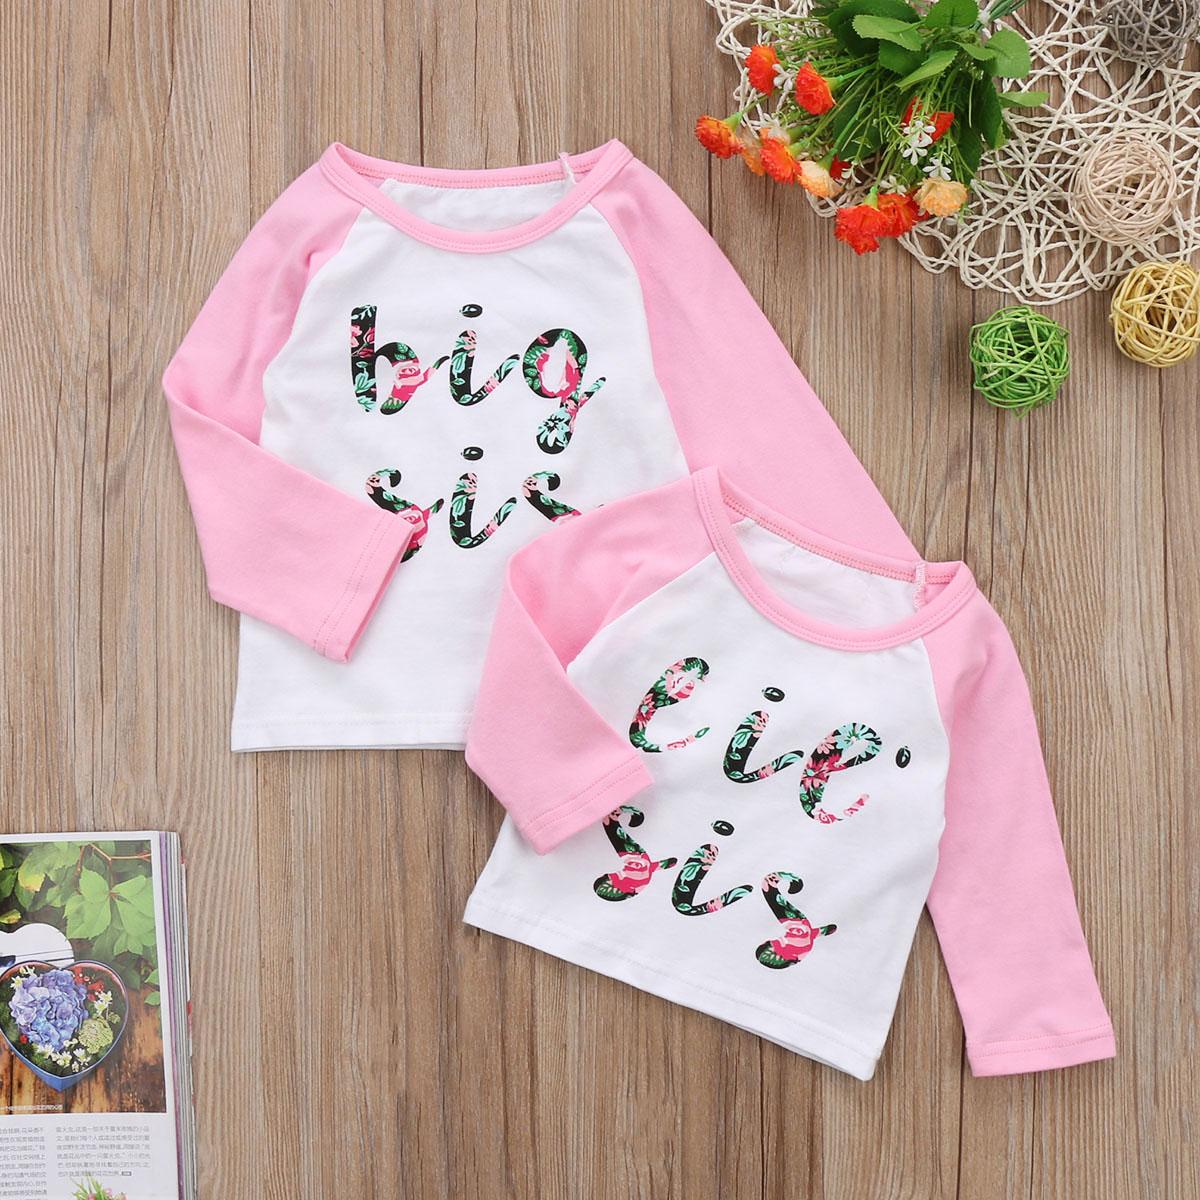 1 STÜCK Neugeborenen Baby Kleine Sis Big Sister T-shirt Top passenden Outfits Nette Blumendruck Baumwolle Langarm-shirt Für 0-7Y